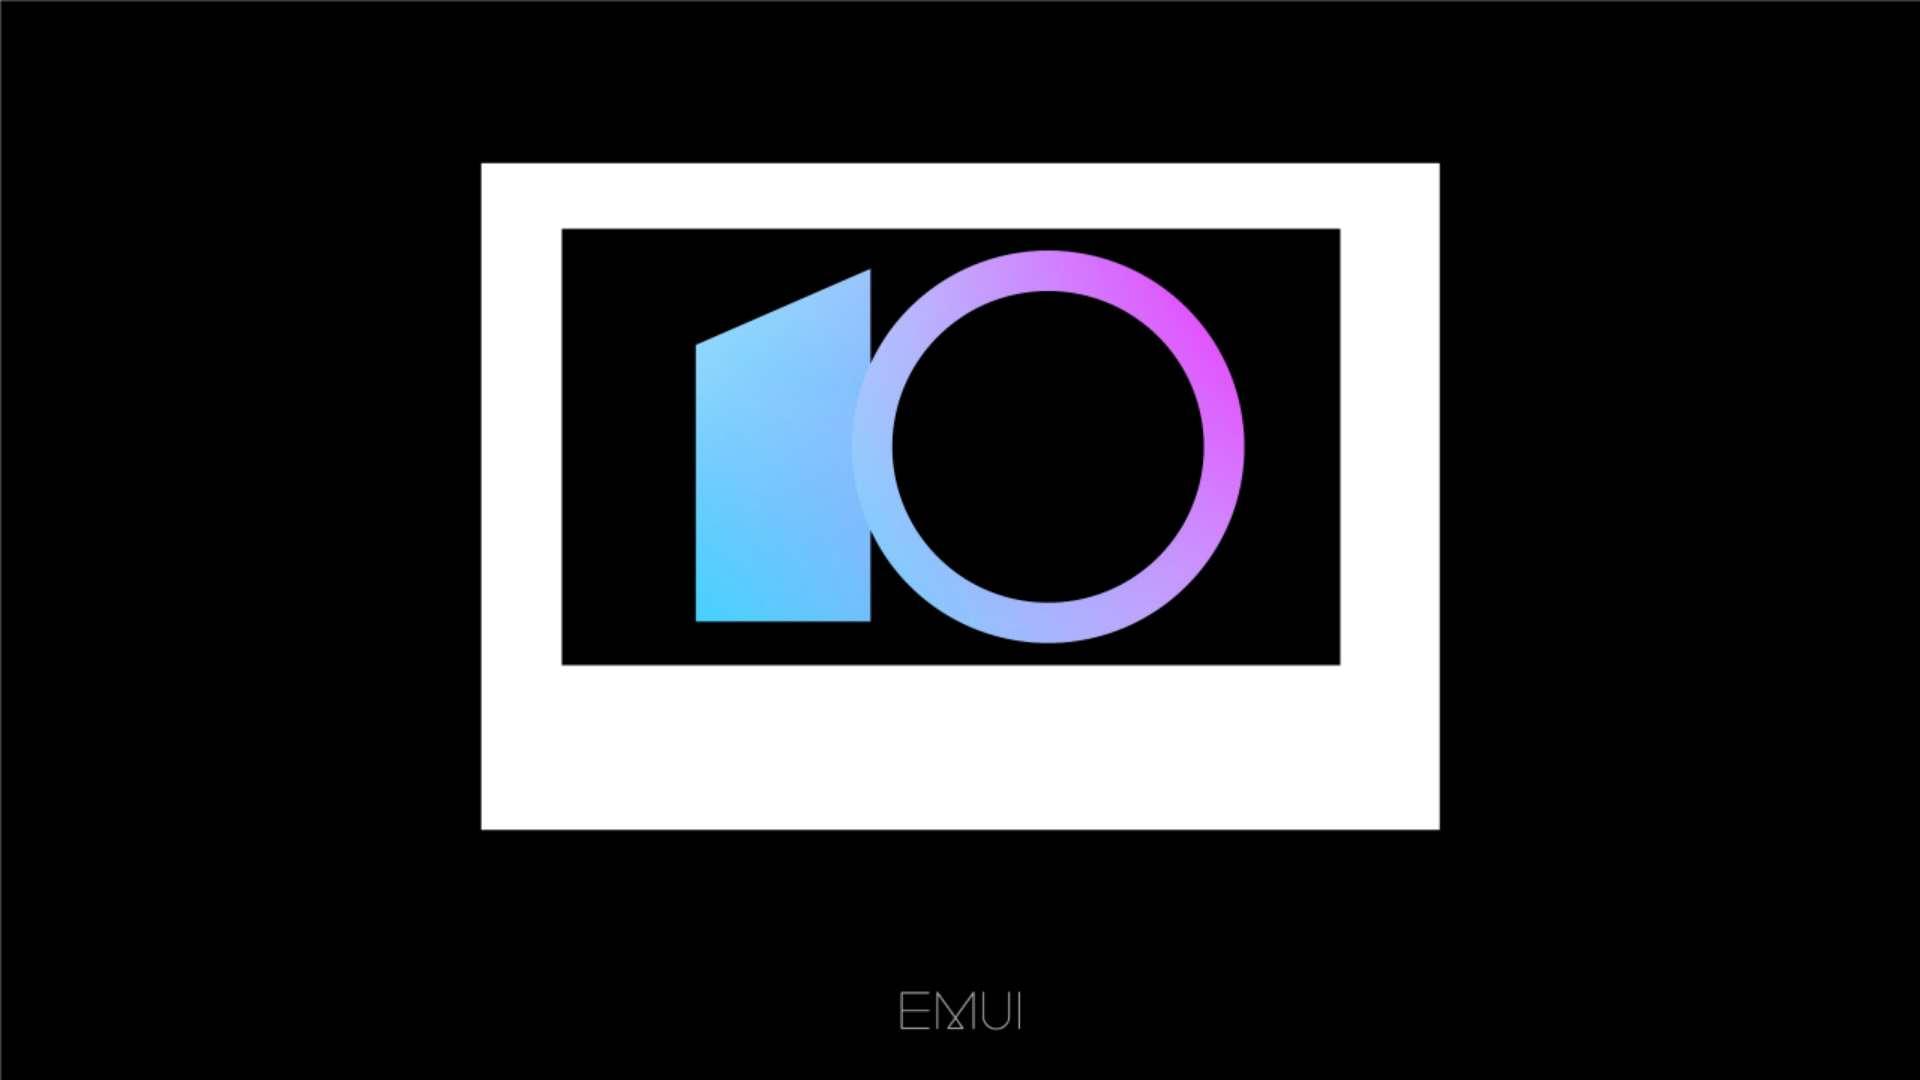 华为EMUI10新特性解析:设计改变只是表面